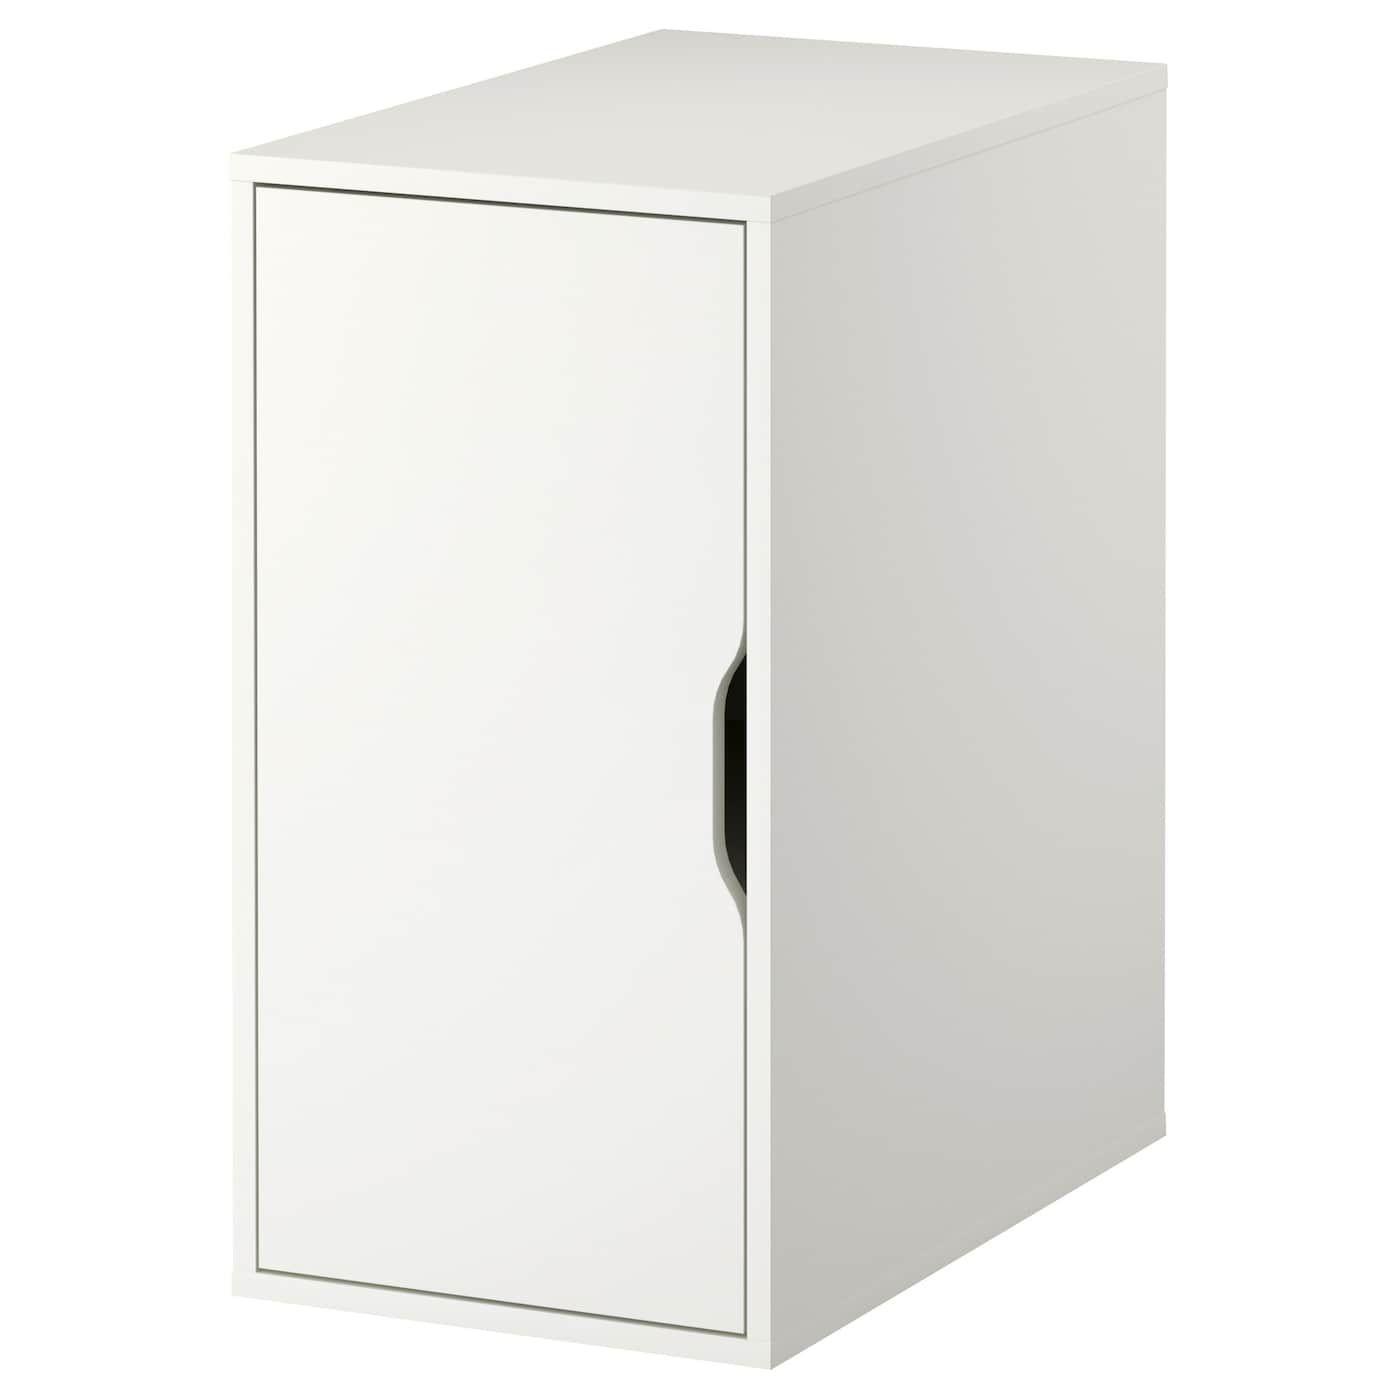 Alex Aufbewahrung Weiss Aufbewahrung Ikea Aufbewahrung Und